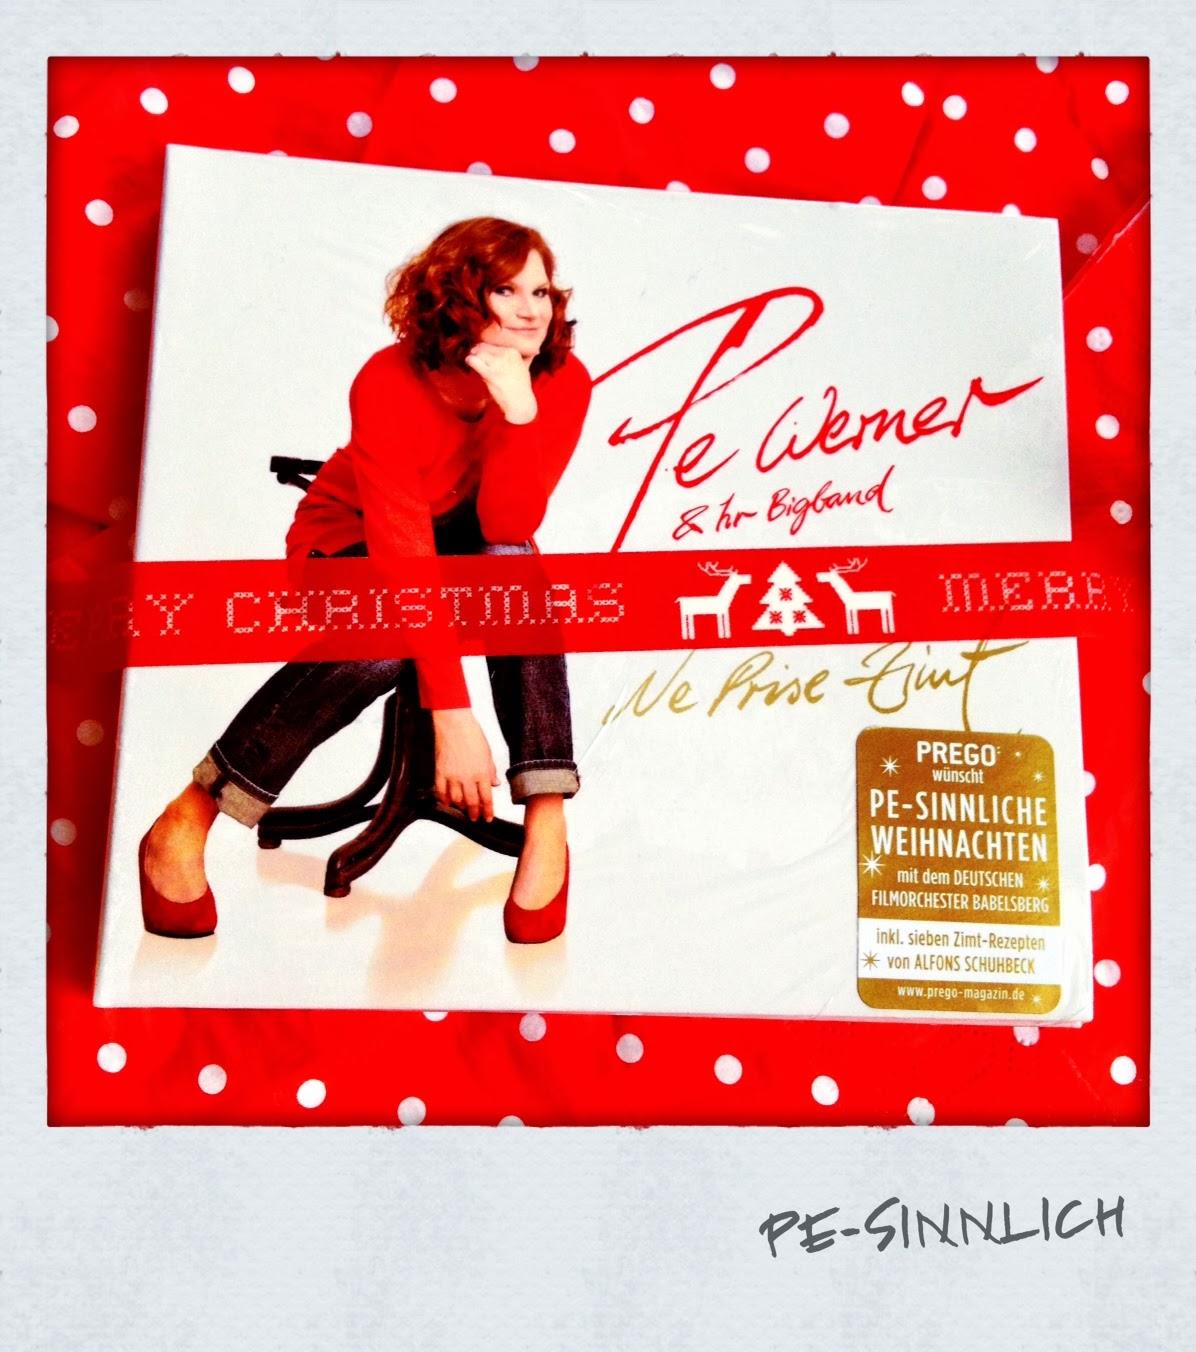 Nimm einfach NE PRISE ZIMT - Weihnachtslieder von + mit PE WERNER ...